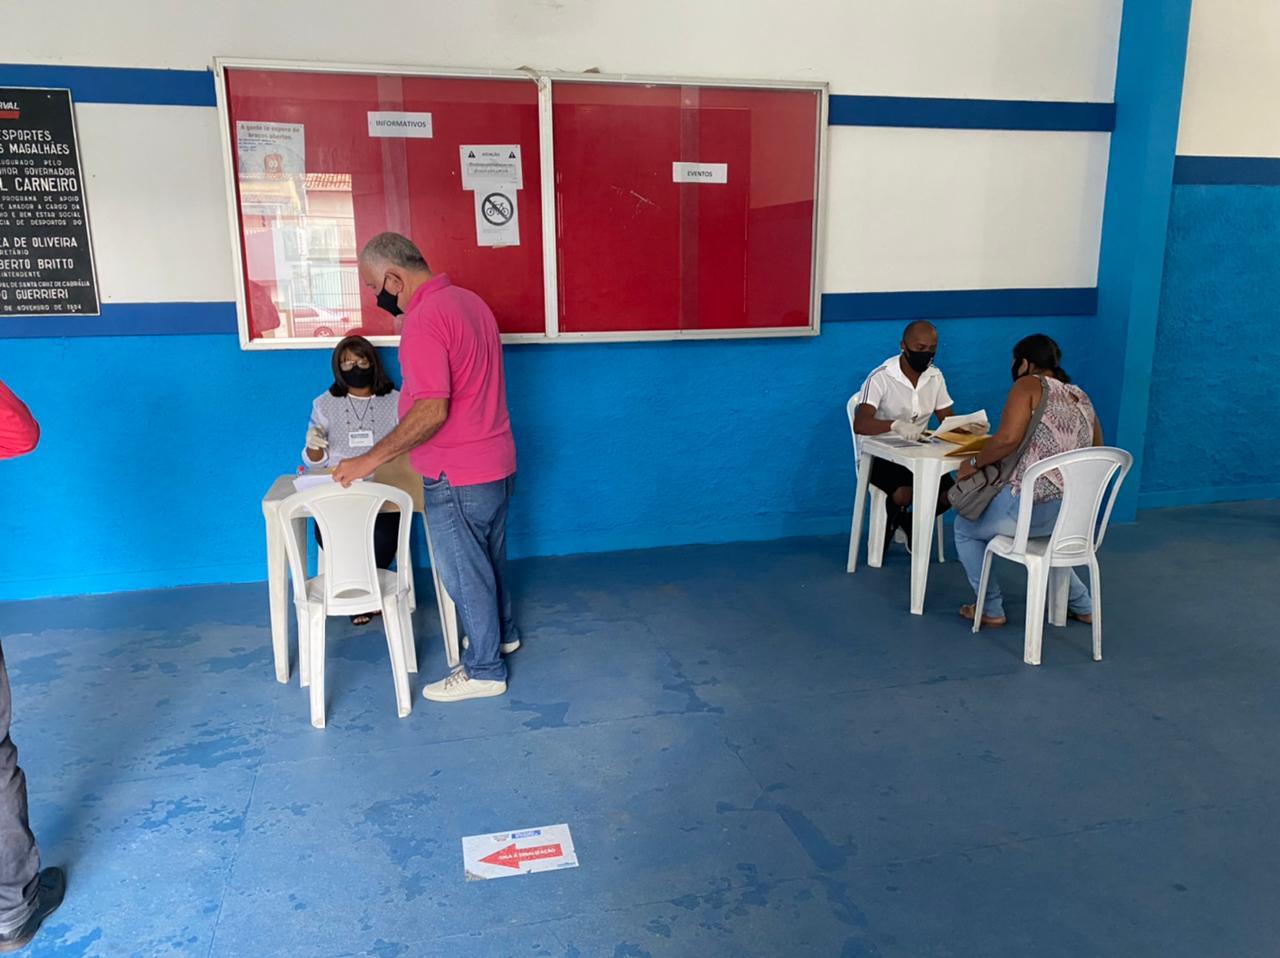 Segurança e organização marcaram o primeiro dia de recadastramento dos servidores da Prefeitura de Eunápolis 23